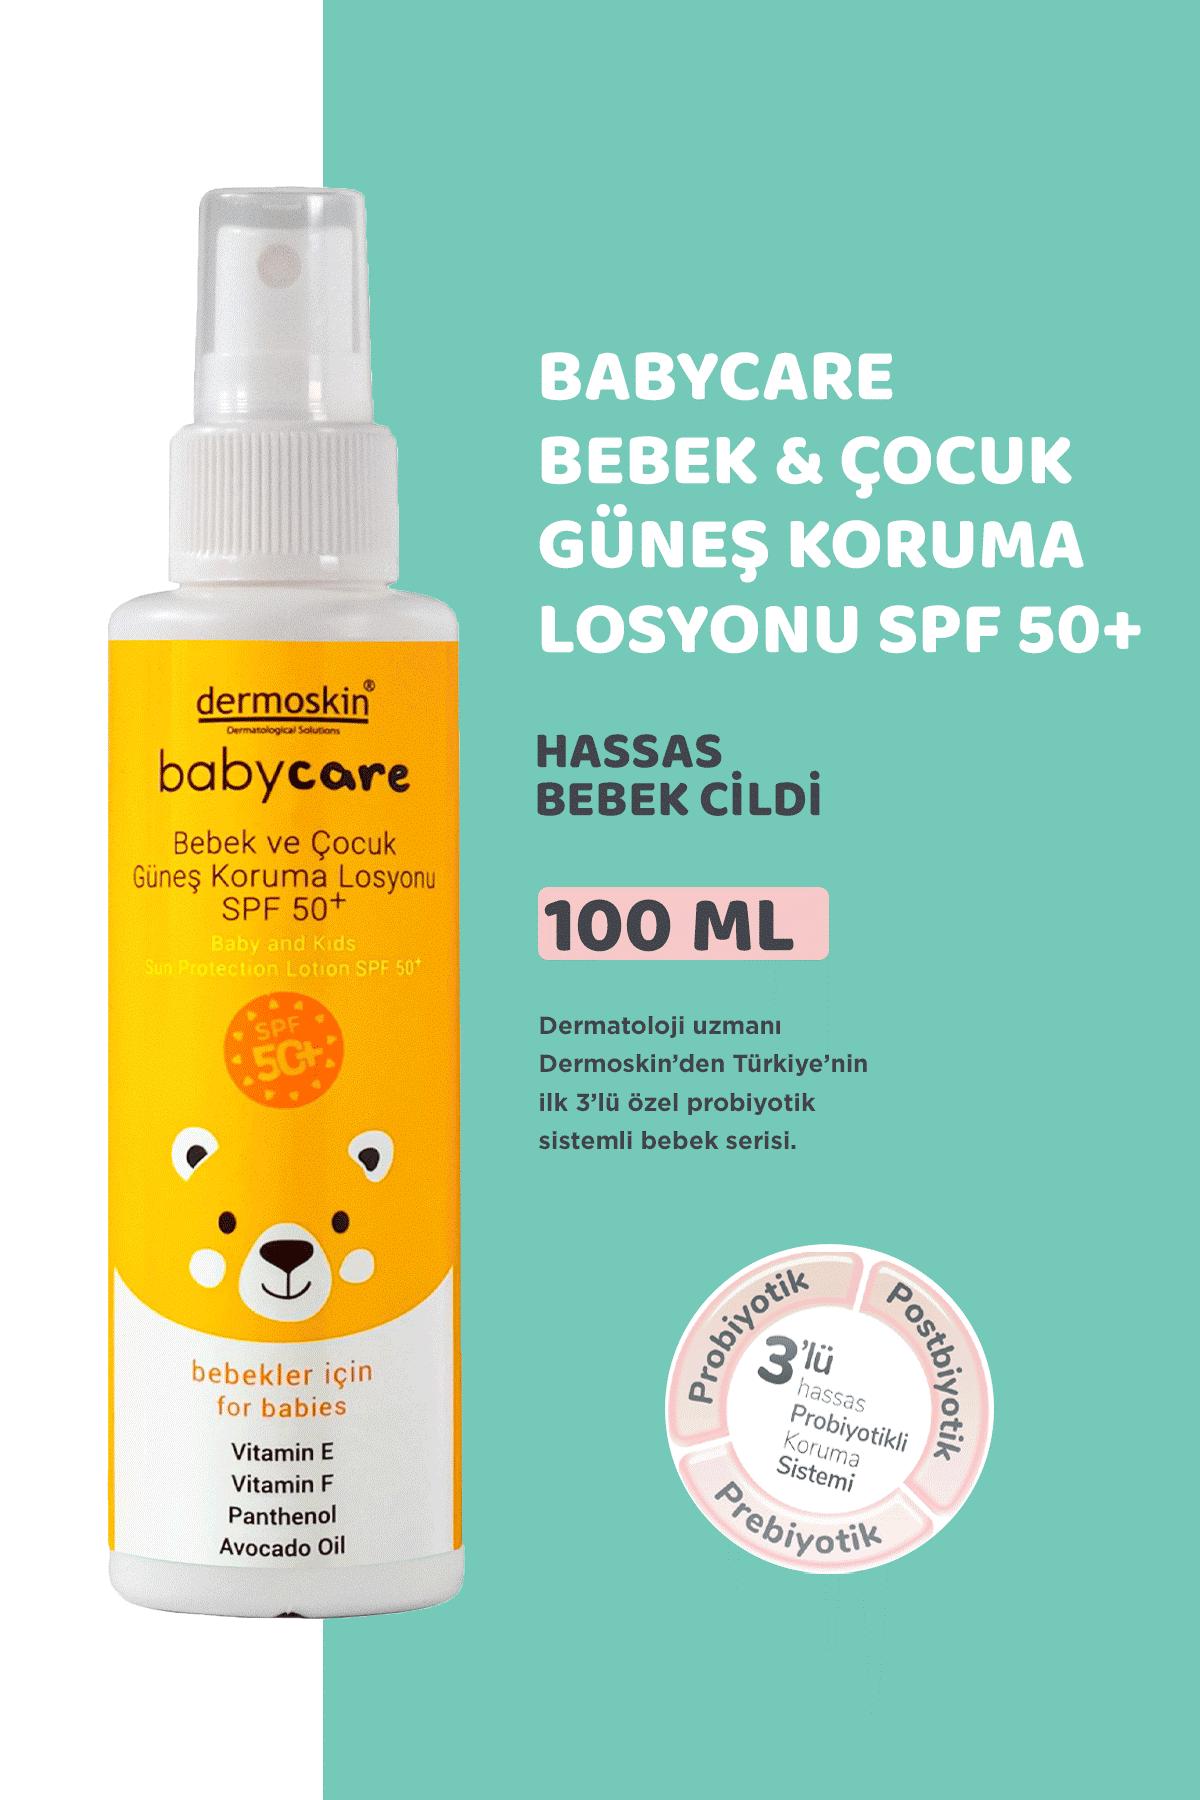 Dermoskin BabyCare Bebek ve Çocuk Güneş Koruma Losyonu Spf50+ 100 ml